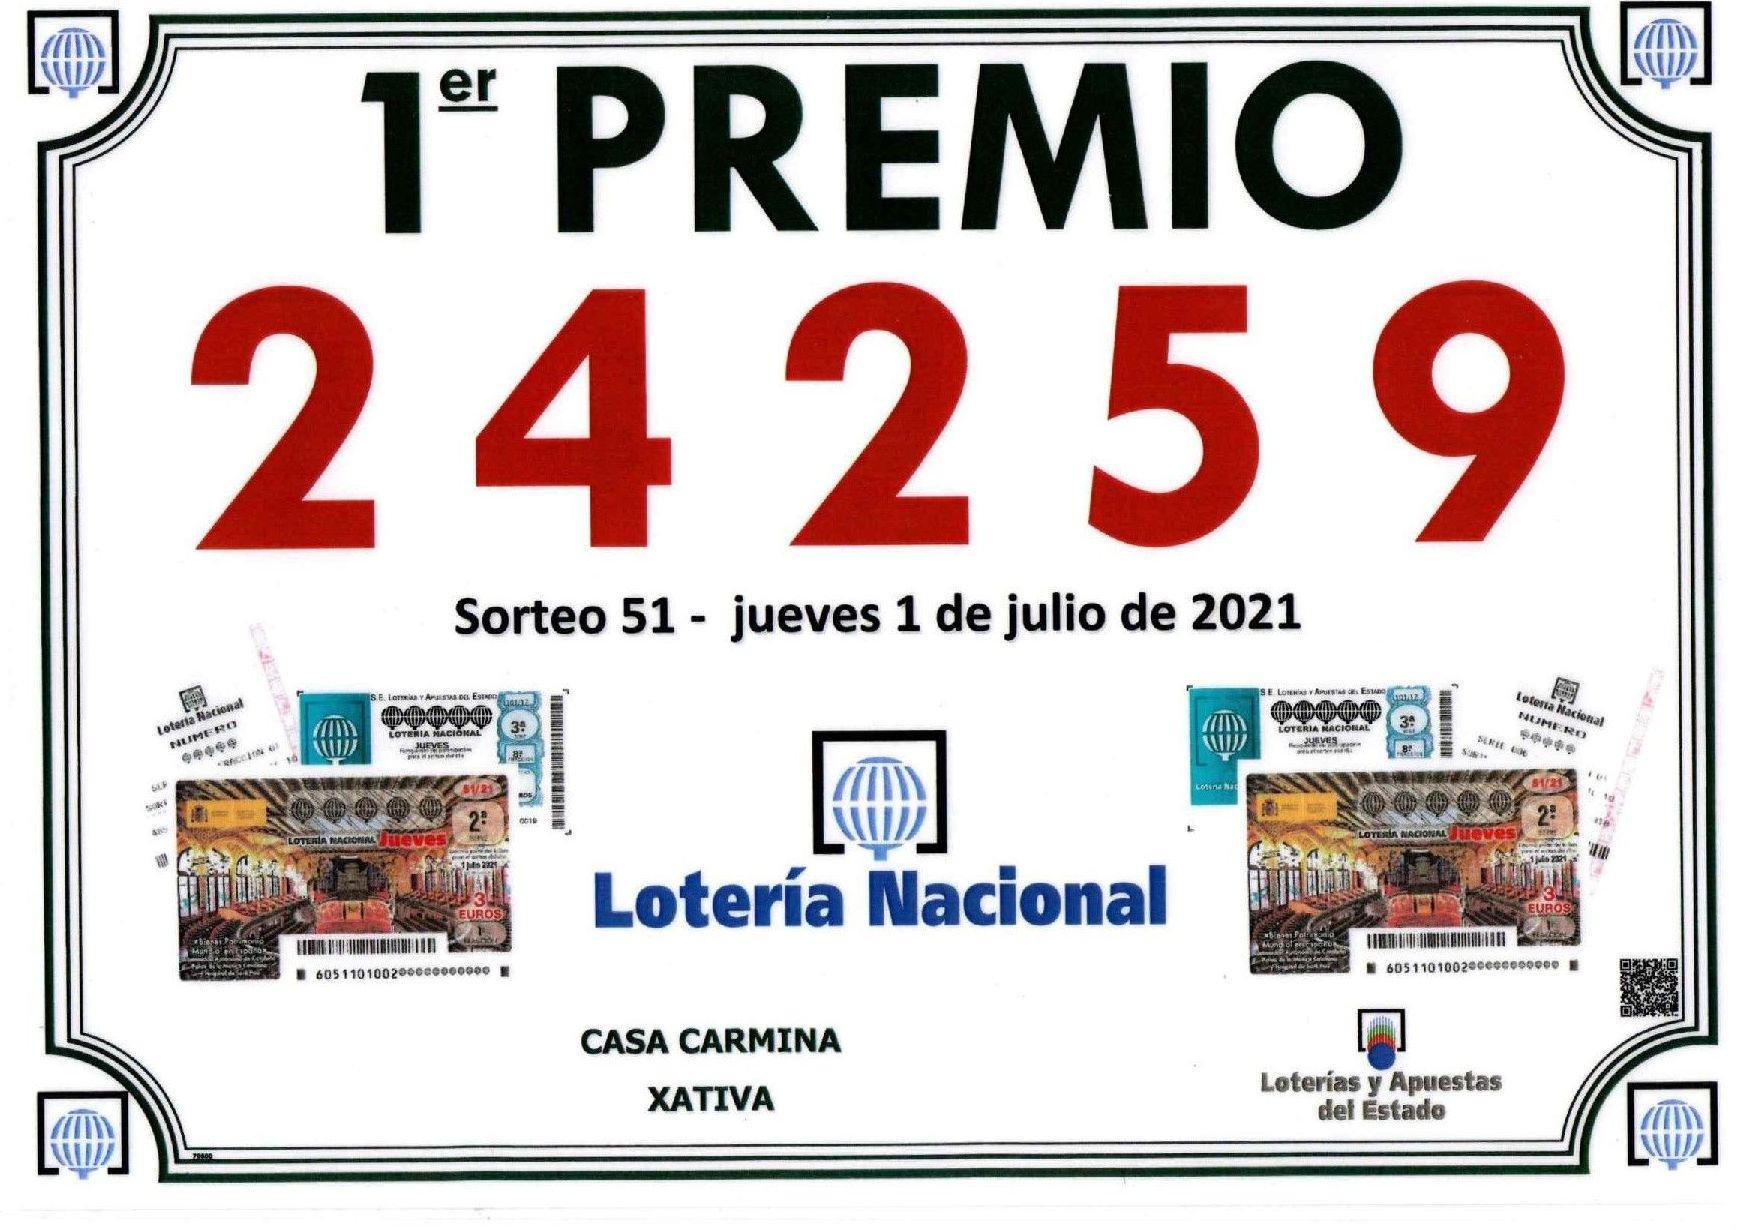 Primer Premio lotería nacional Jueves 1 de Julio 2021